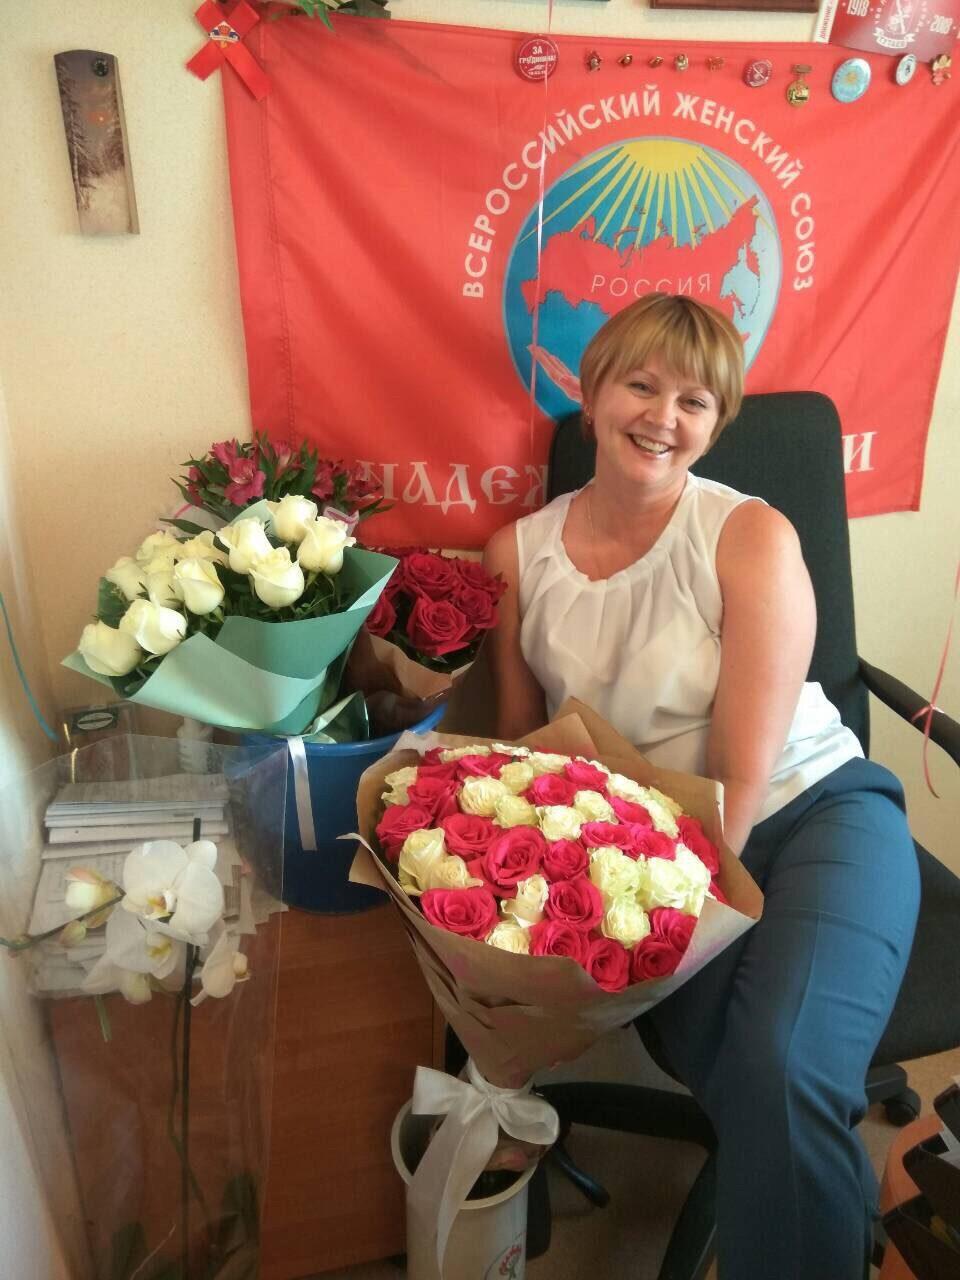 Друзья и товарищи поздравляют Елену Кузнецову с днем рождения!